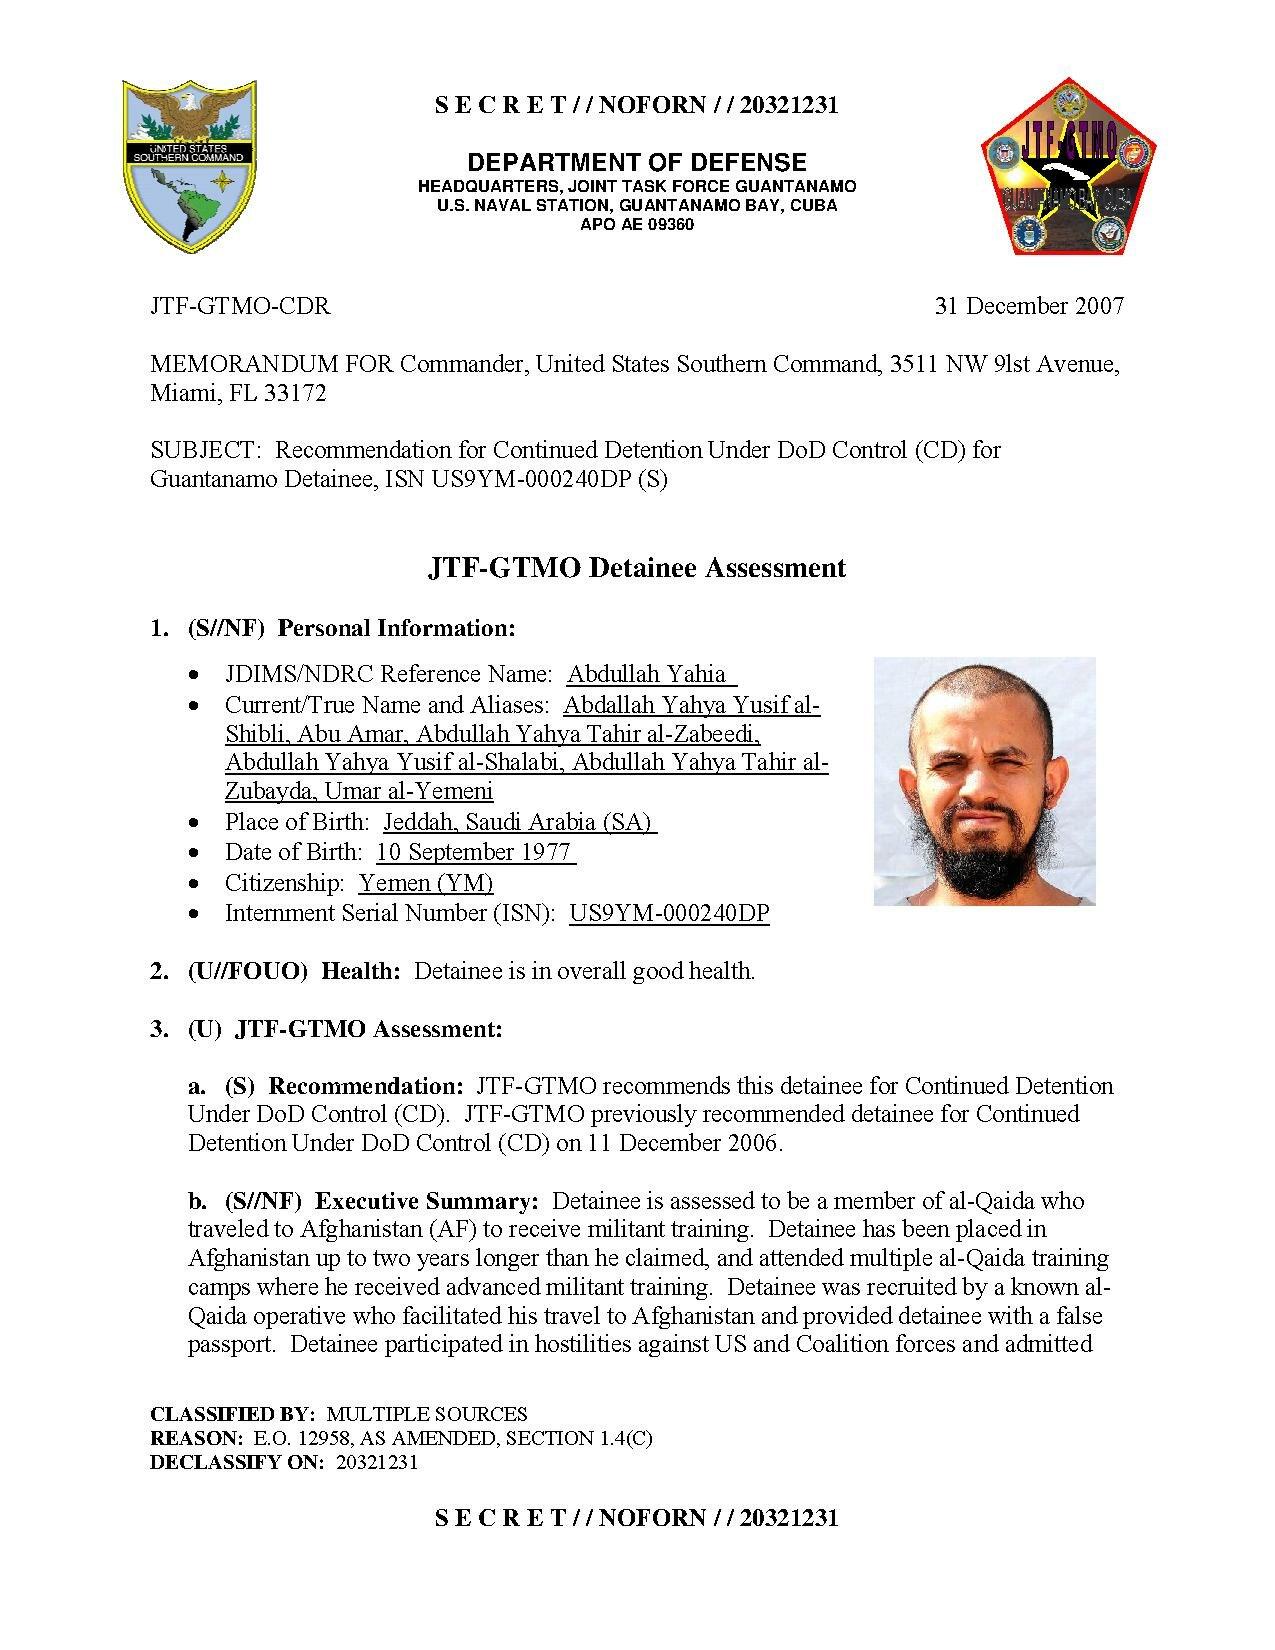 ISN 00240, Abdullah Yahia's Guantanamo detainee assessment.pdf